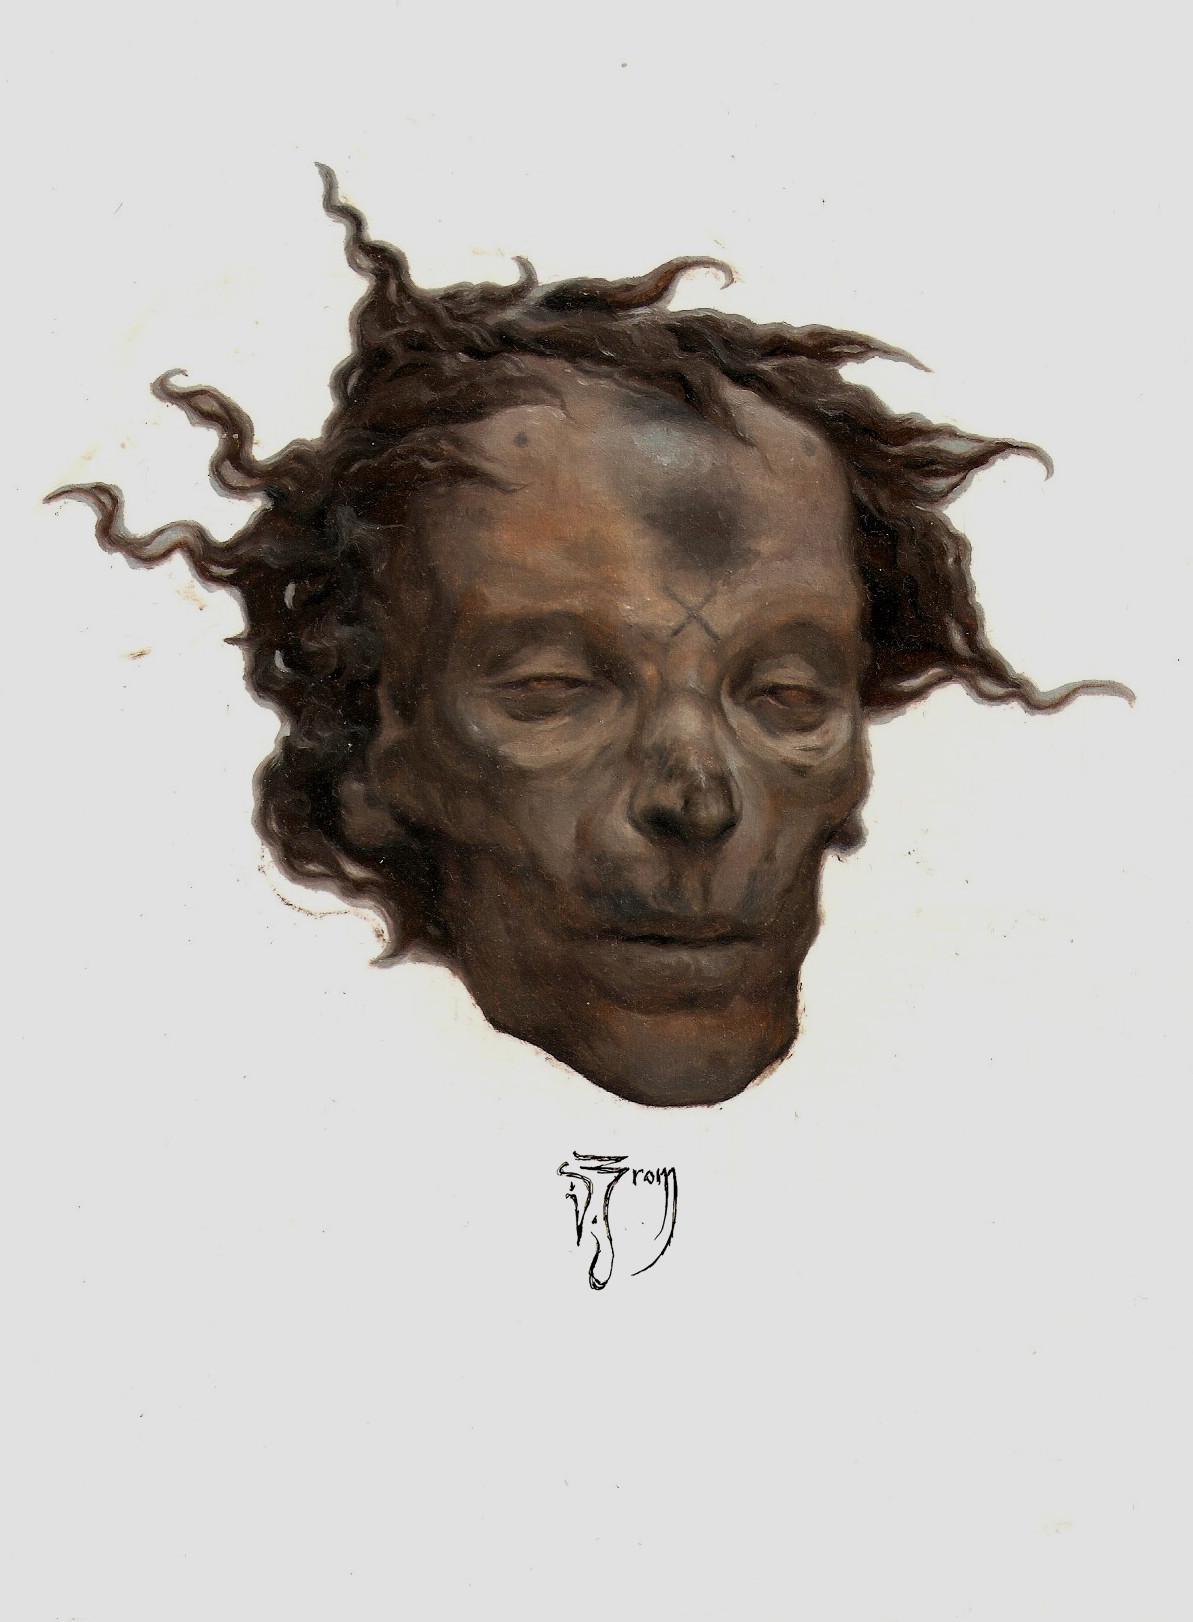 Daniel zrom danielzrom mummifiedfloatinghex